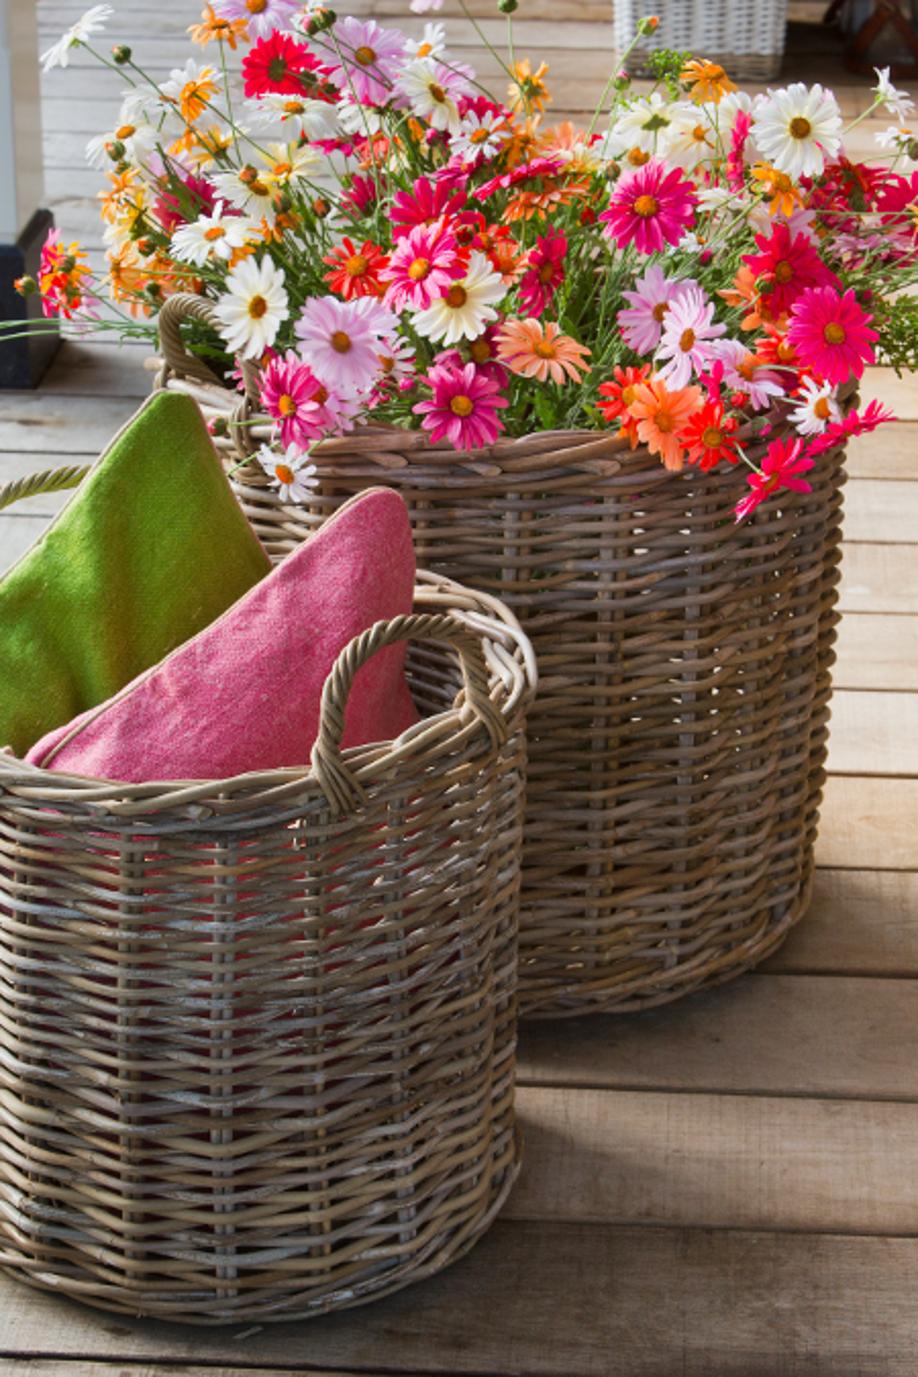 kompozycje kwiatowe w wiklinowym koszu